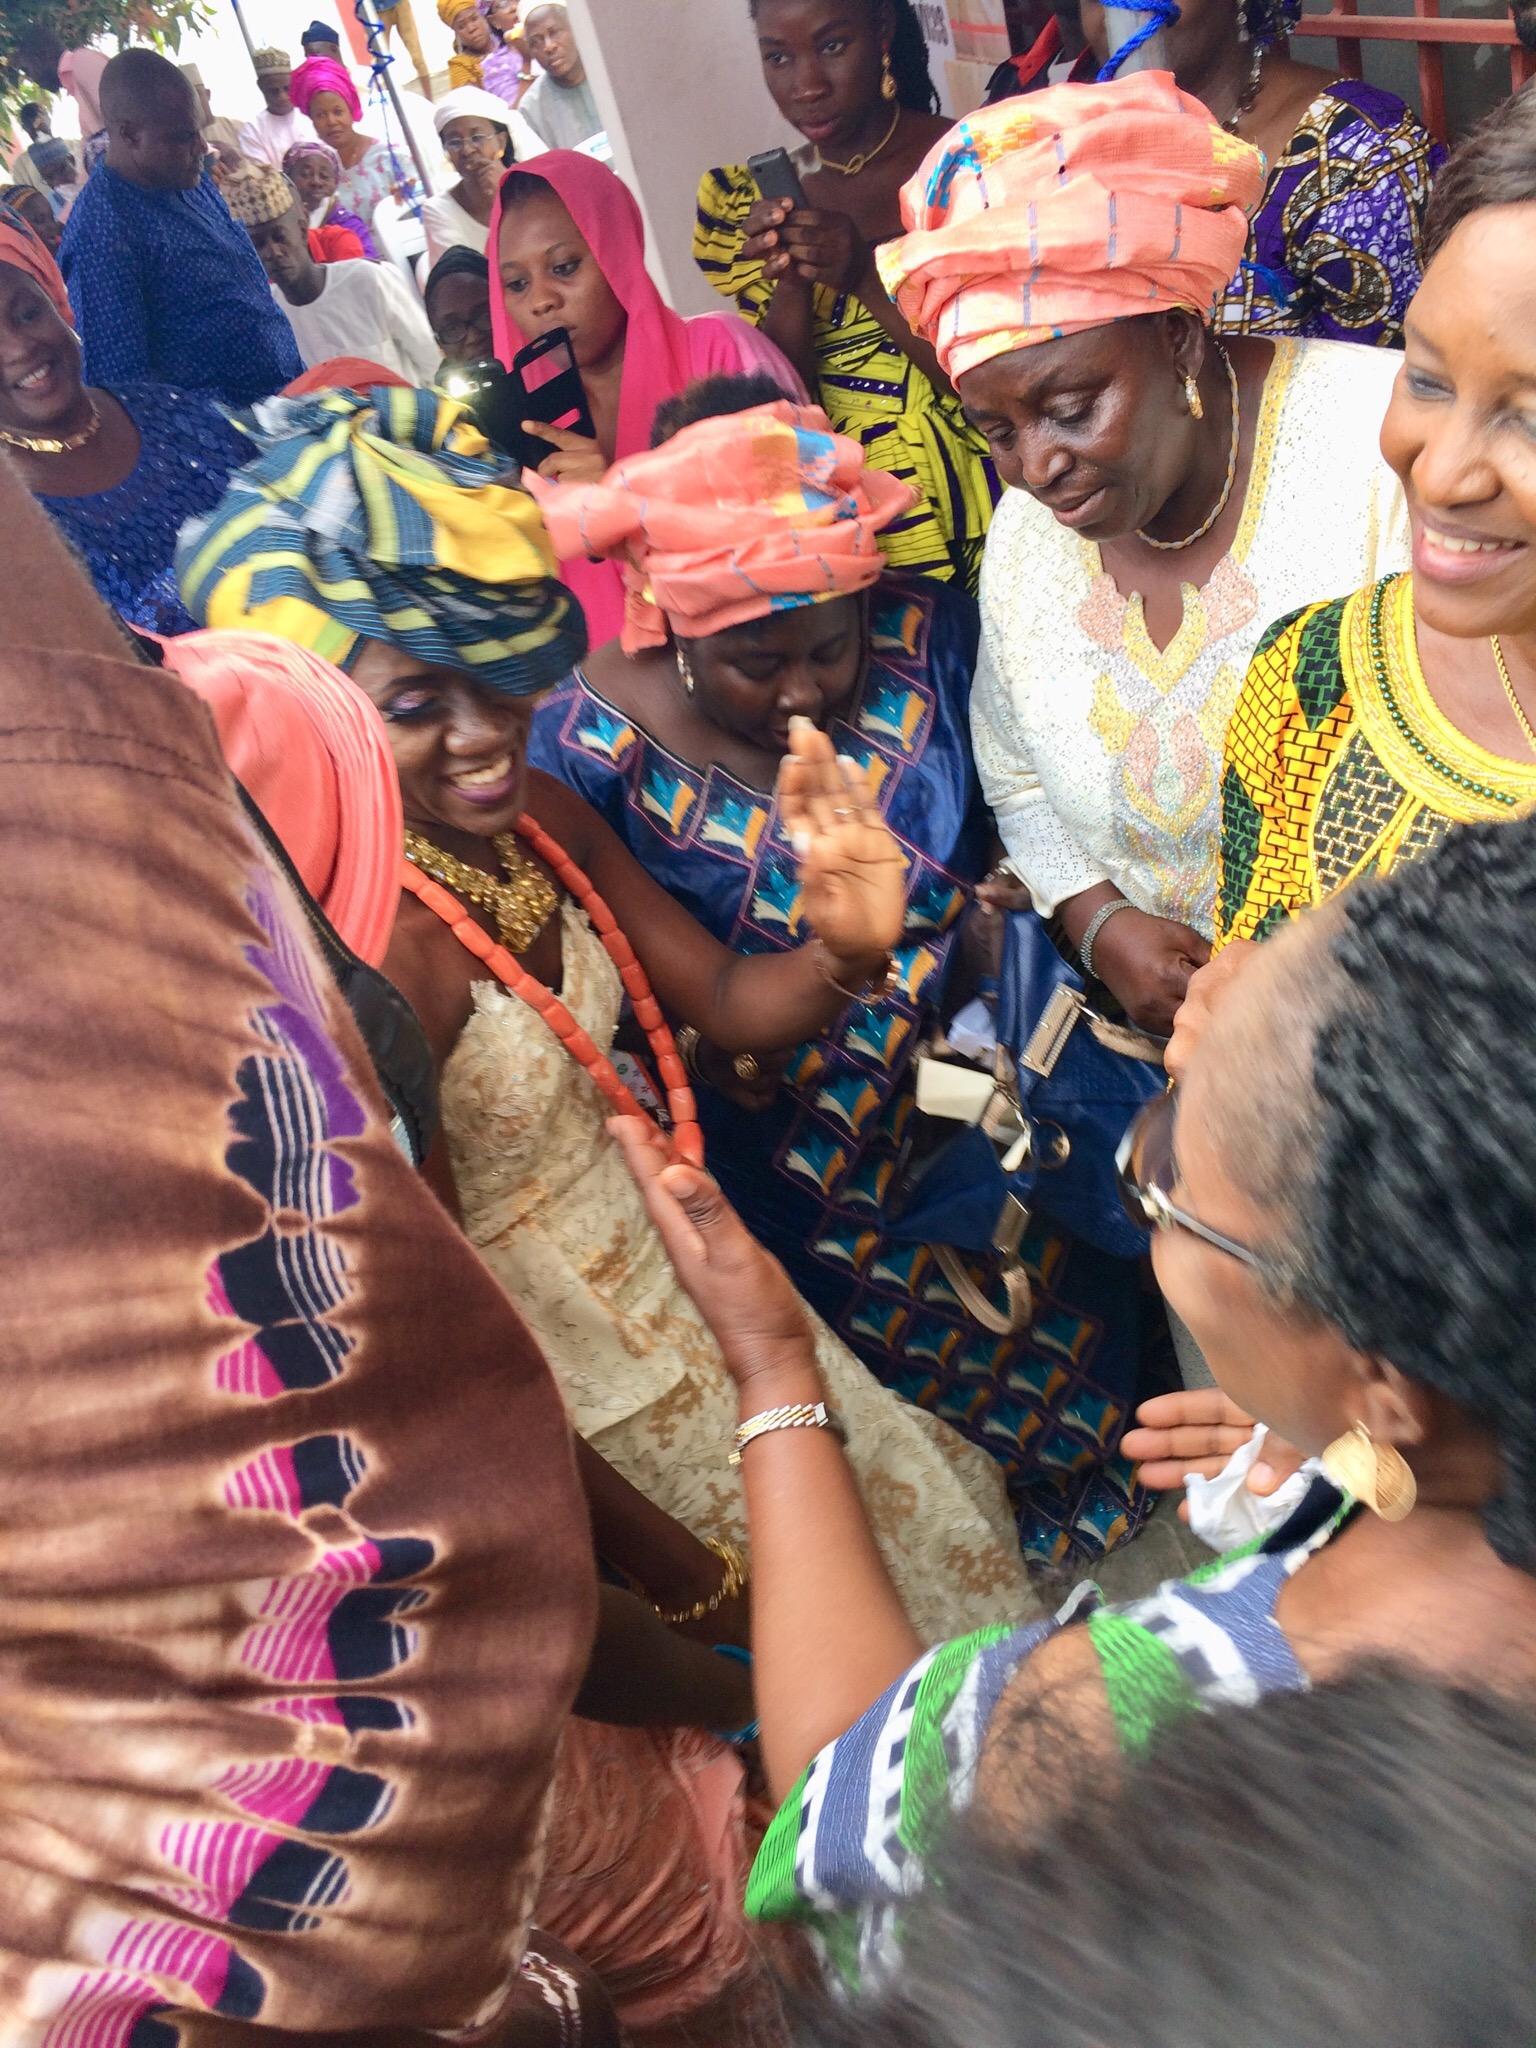 Bride dancing with her mother figures